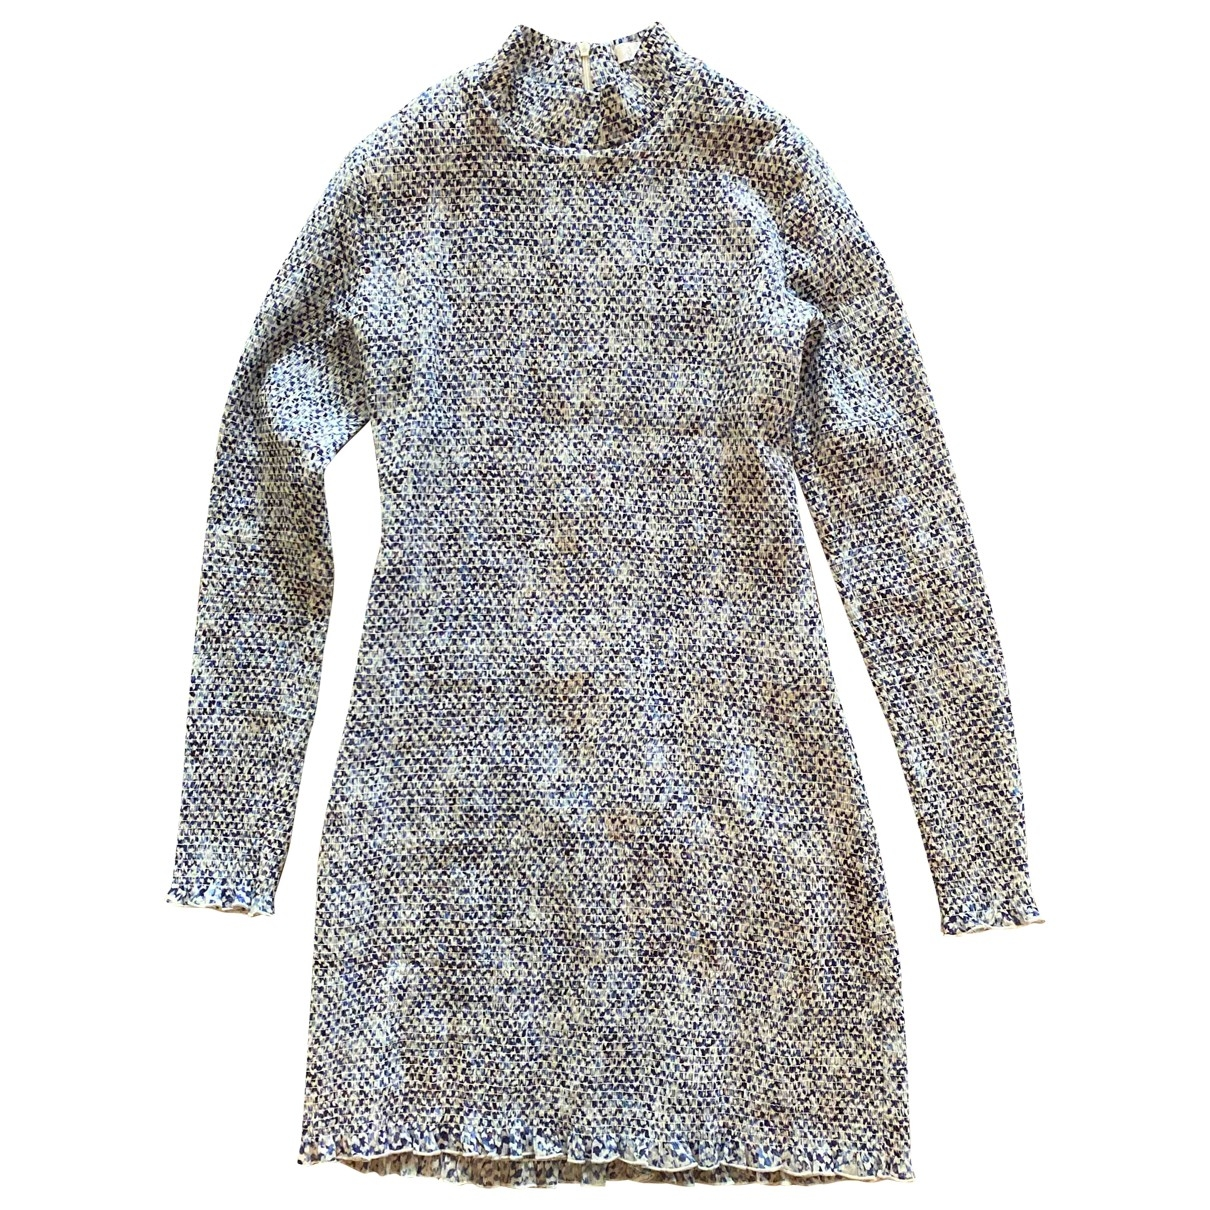 Lala Berlin \N Kleid in  Blau Viskose